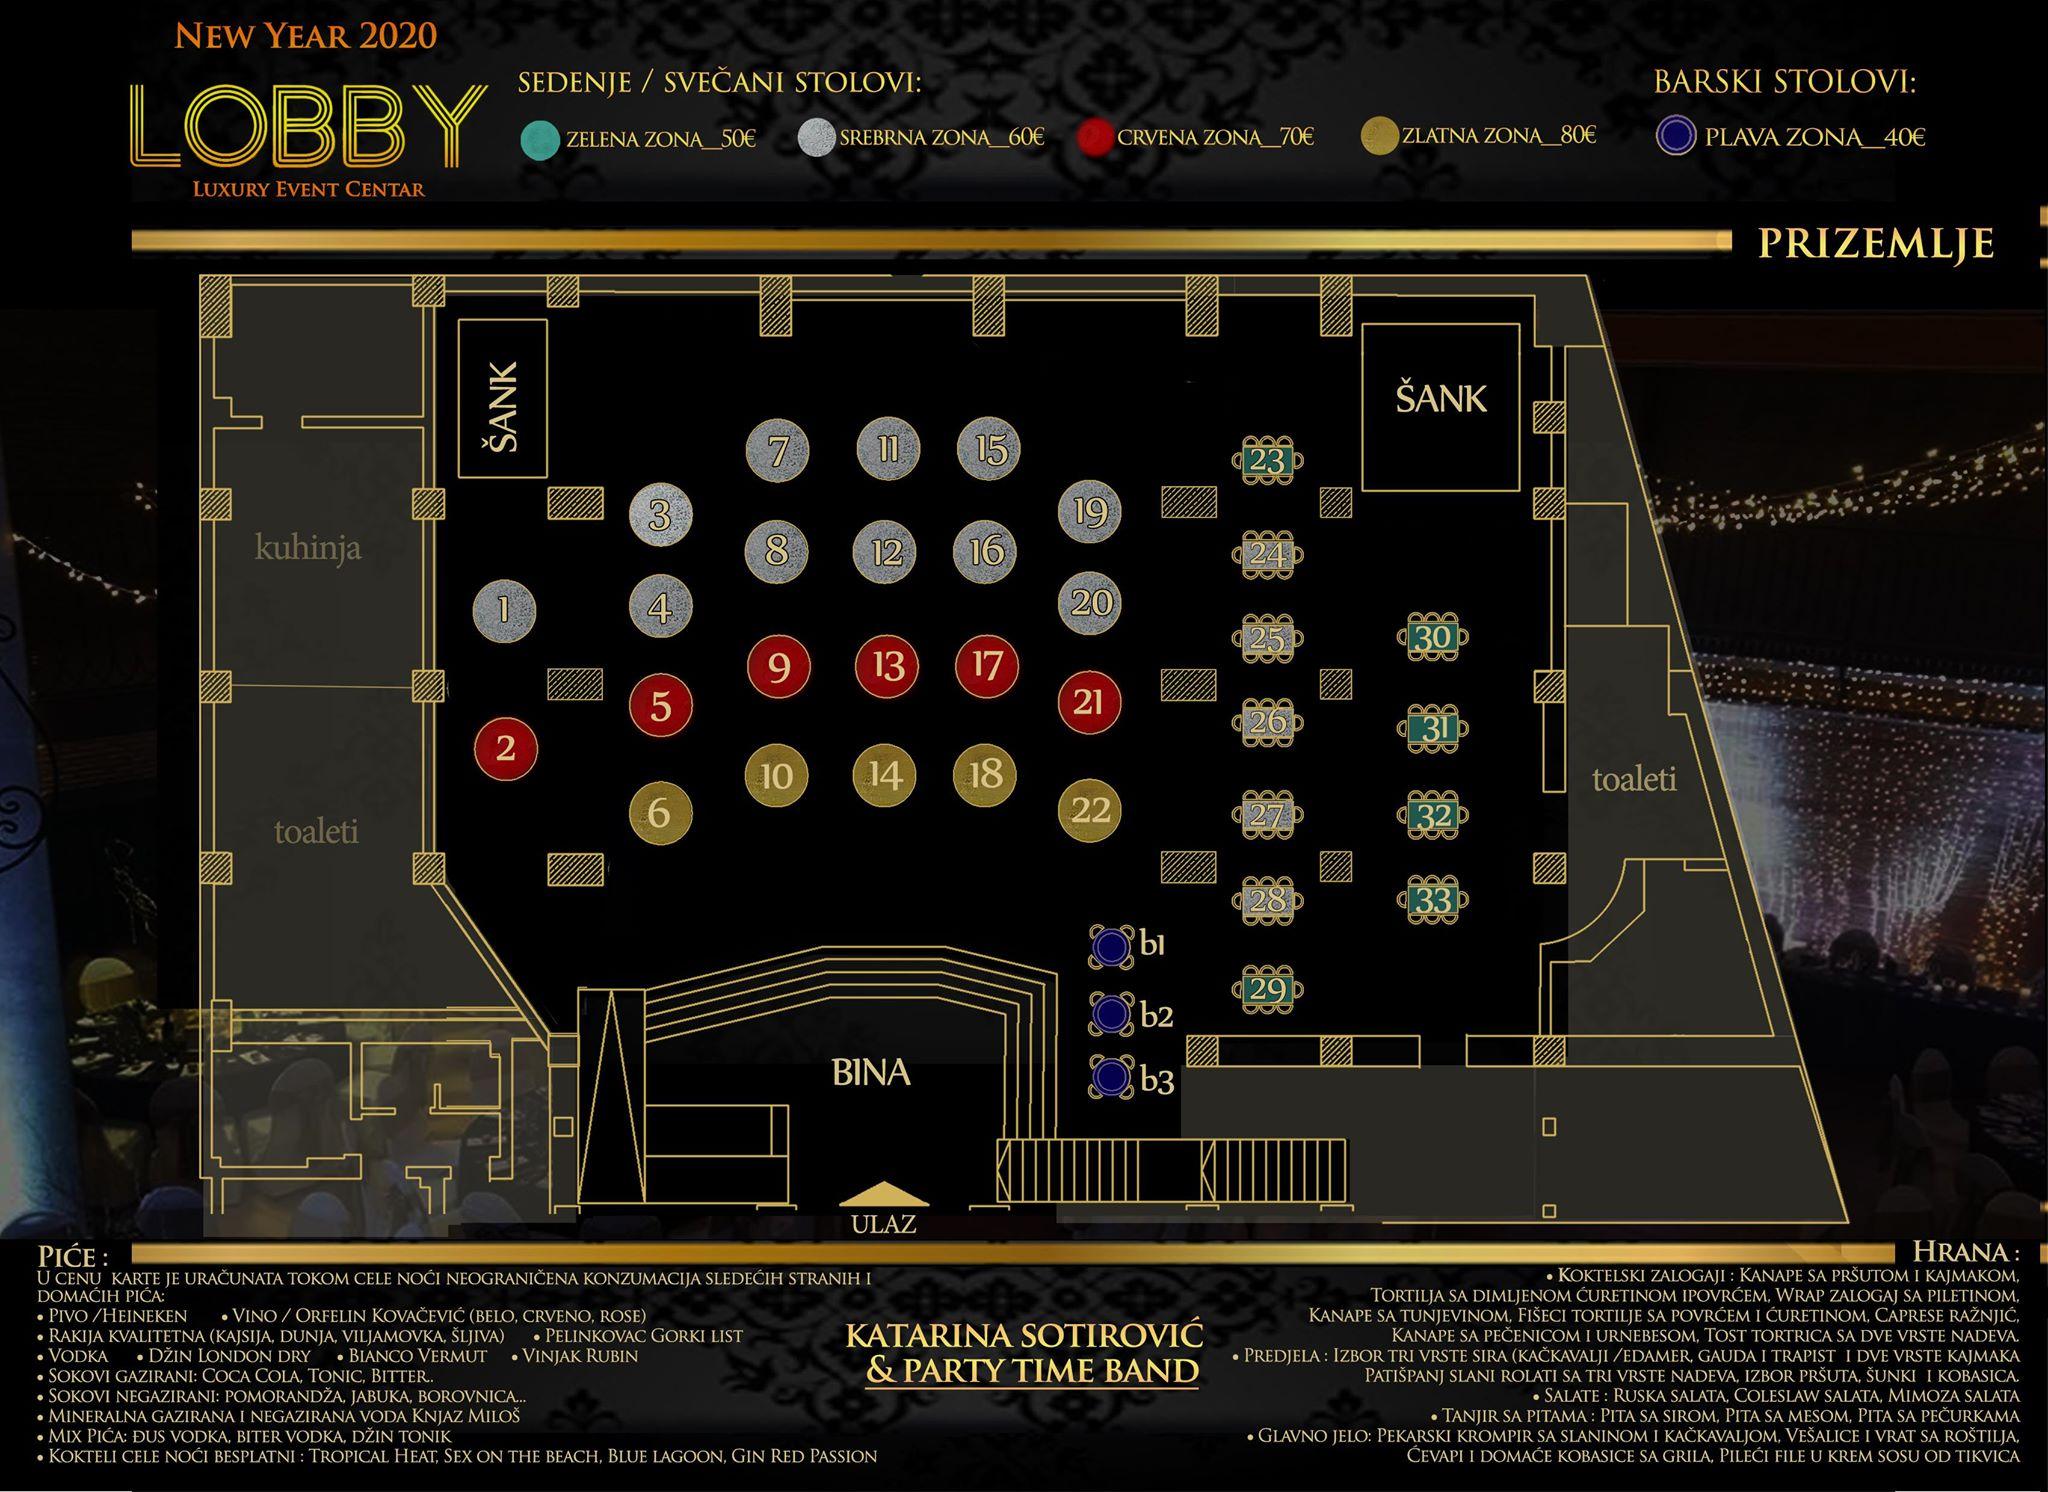 Hotel Lobby Docek Nove Godine Rezervacije Na 063 34 34 33